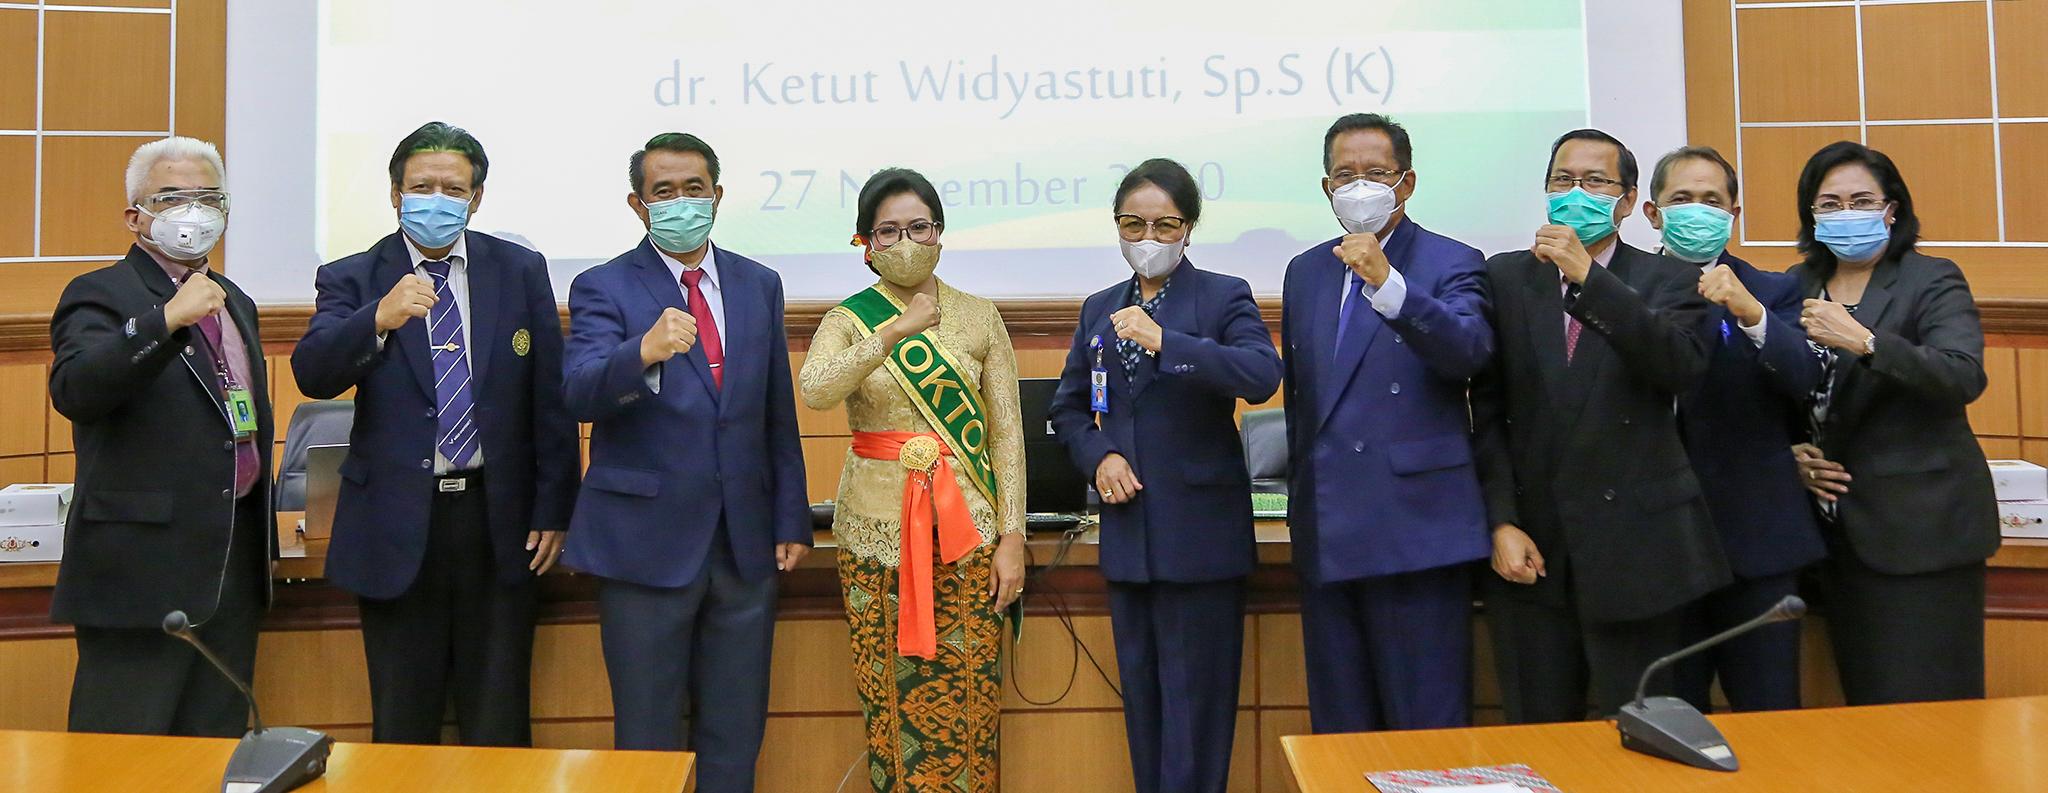 Ujian Terbuka Program Doktor dr. Ketut Widyastuti, Sp.S(K)